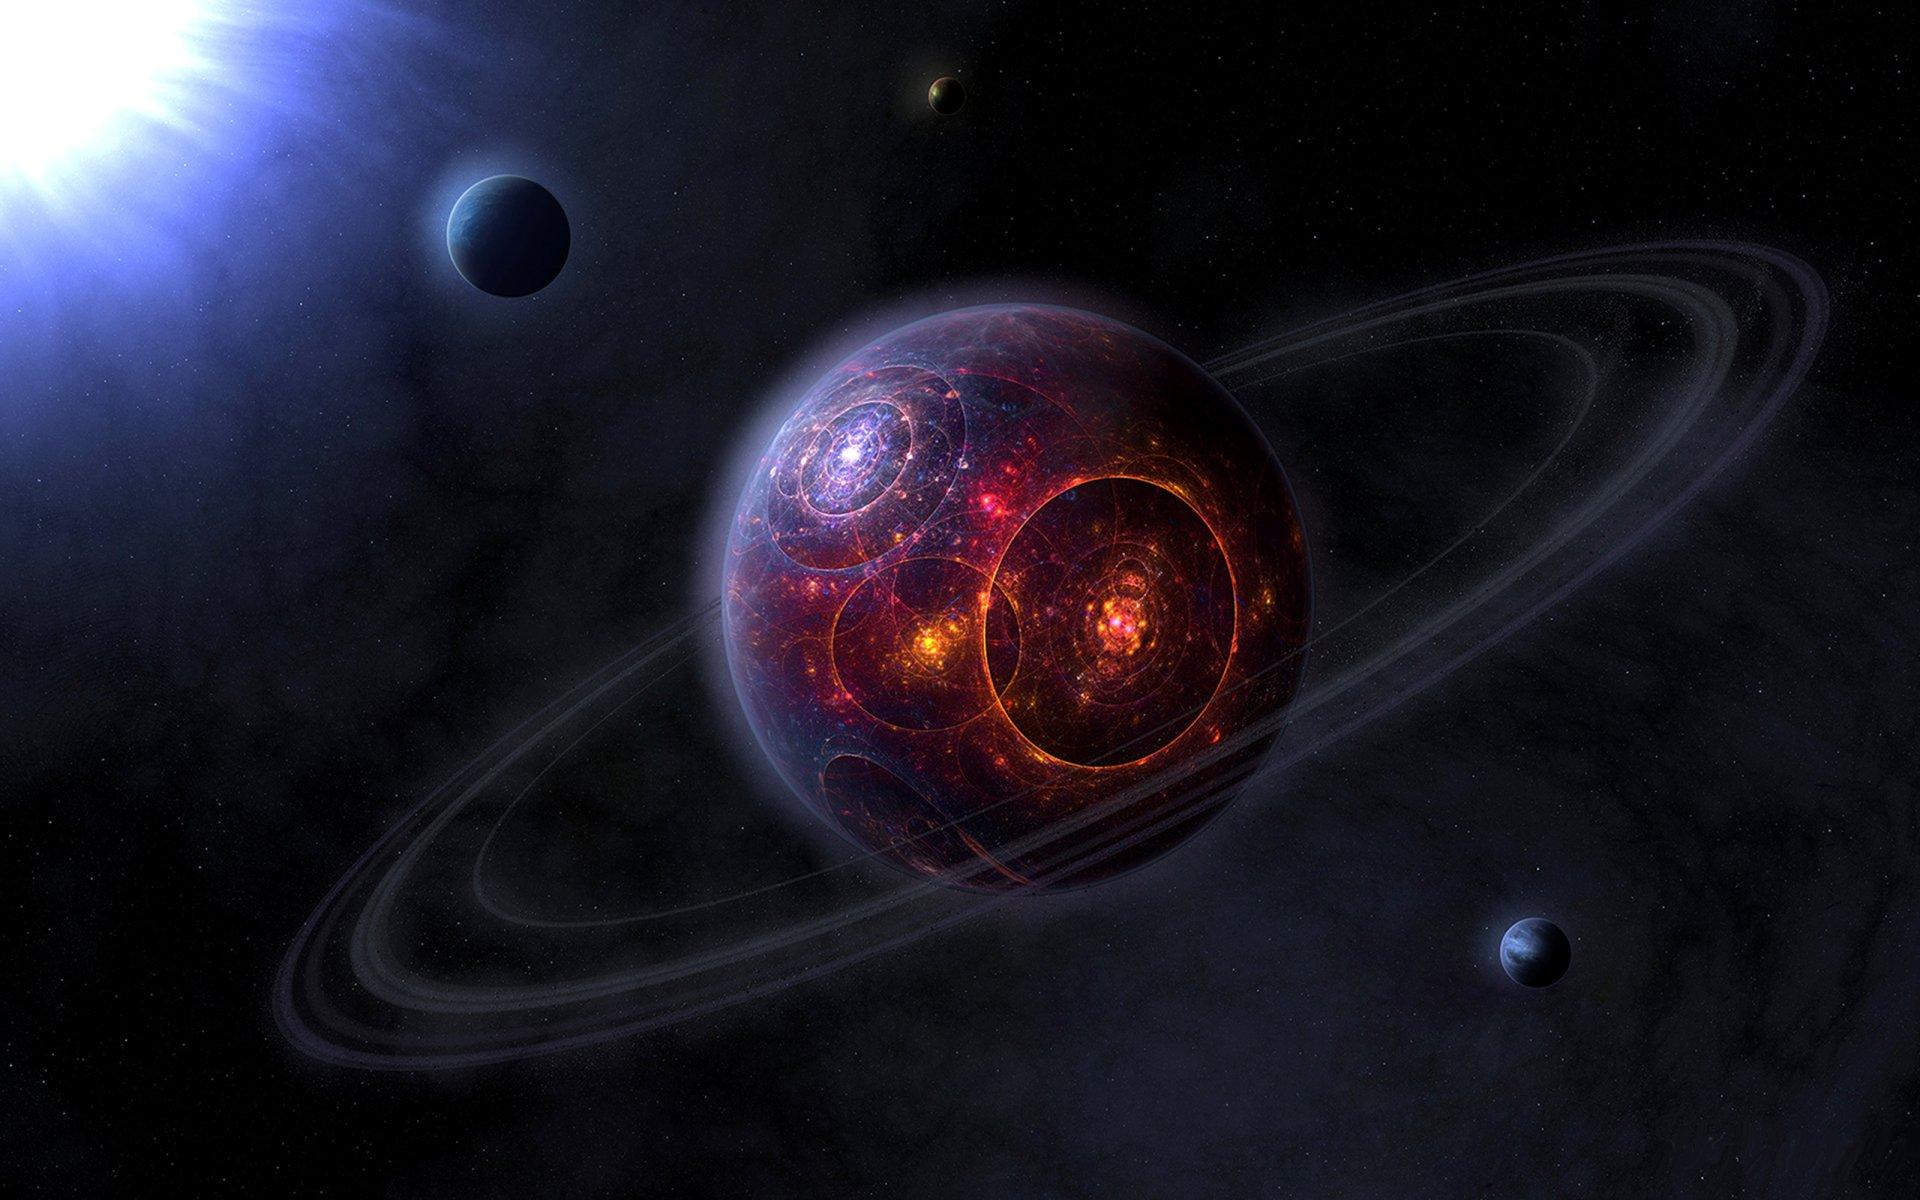 Fantascienza - Collisione  Fantascienza Sfondo